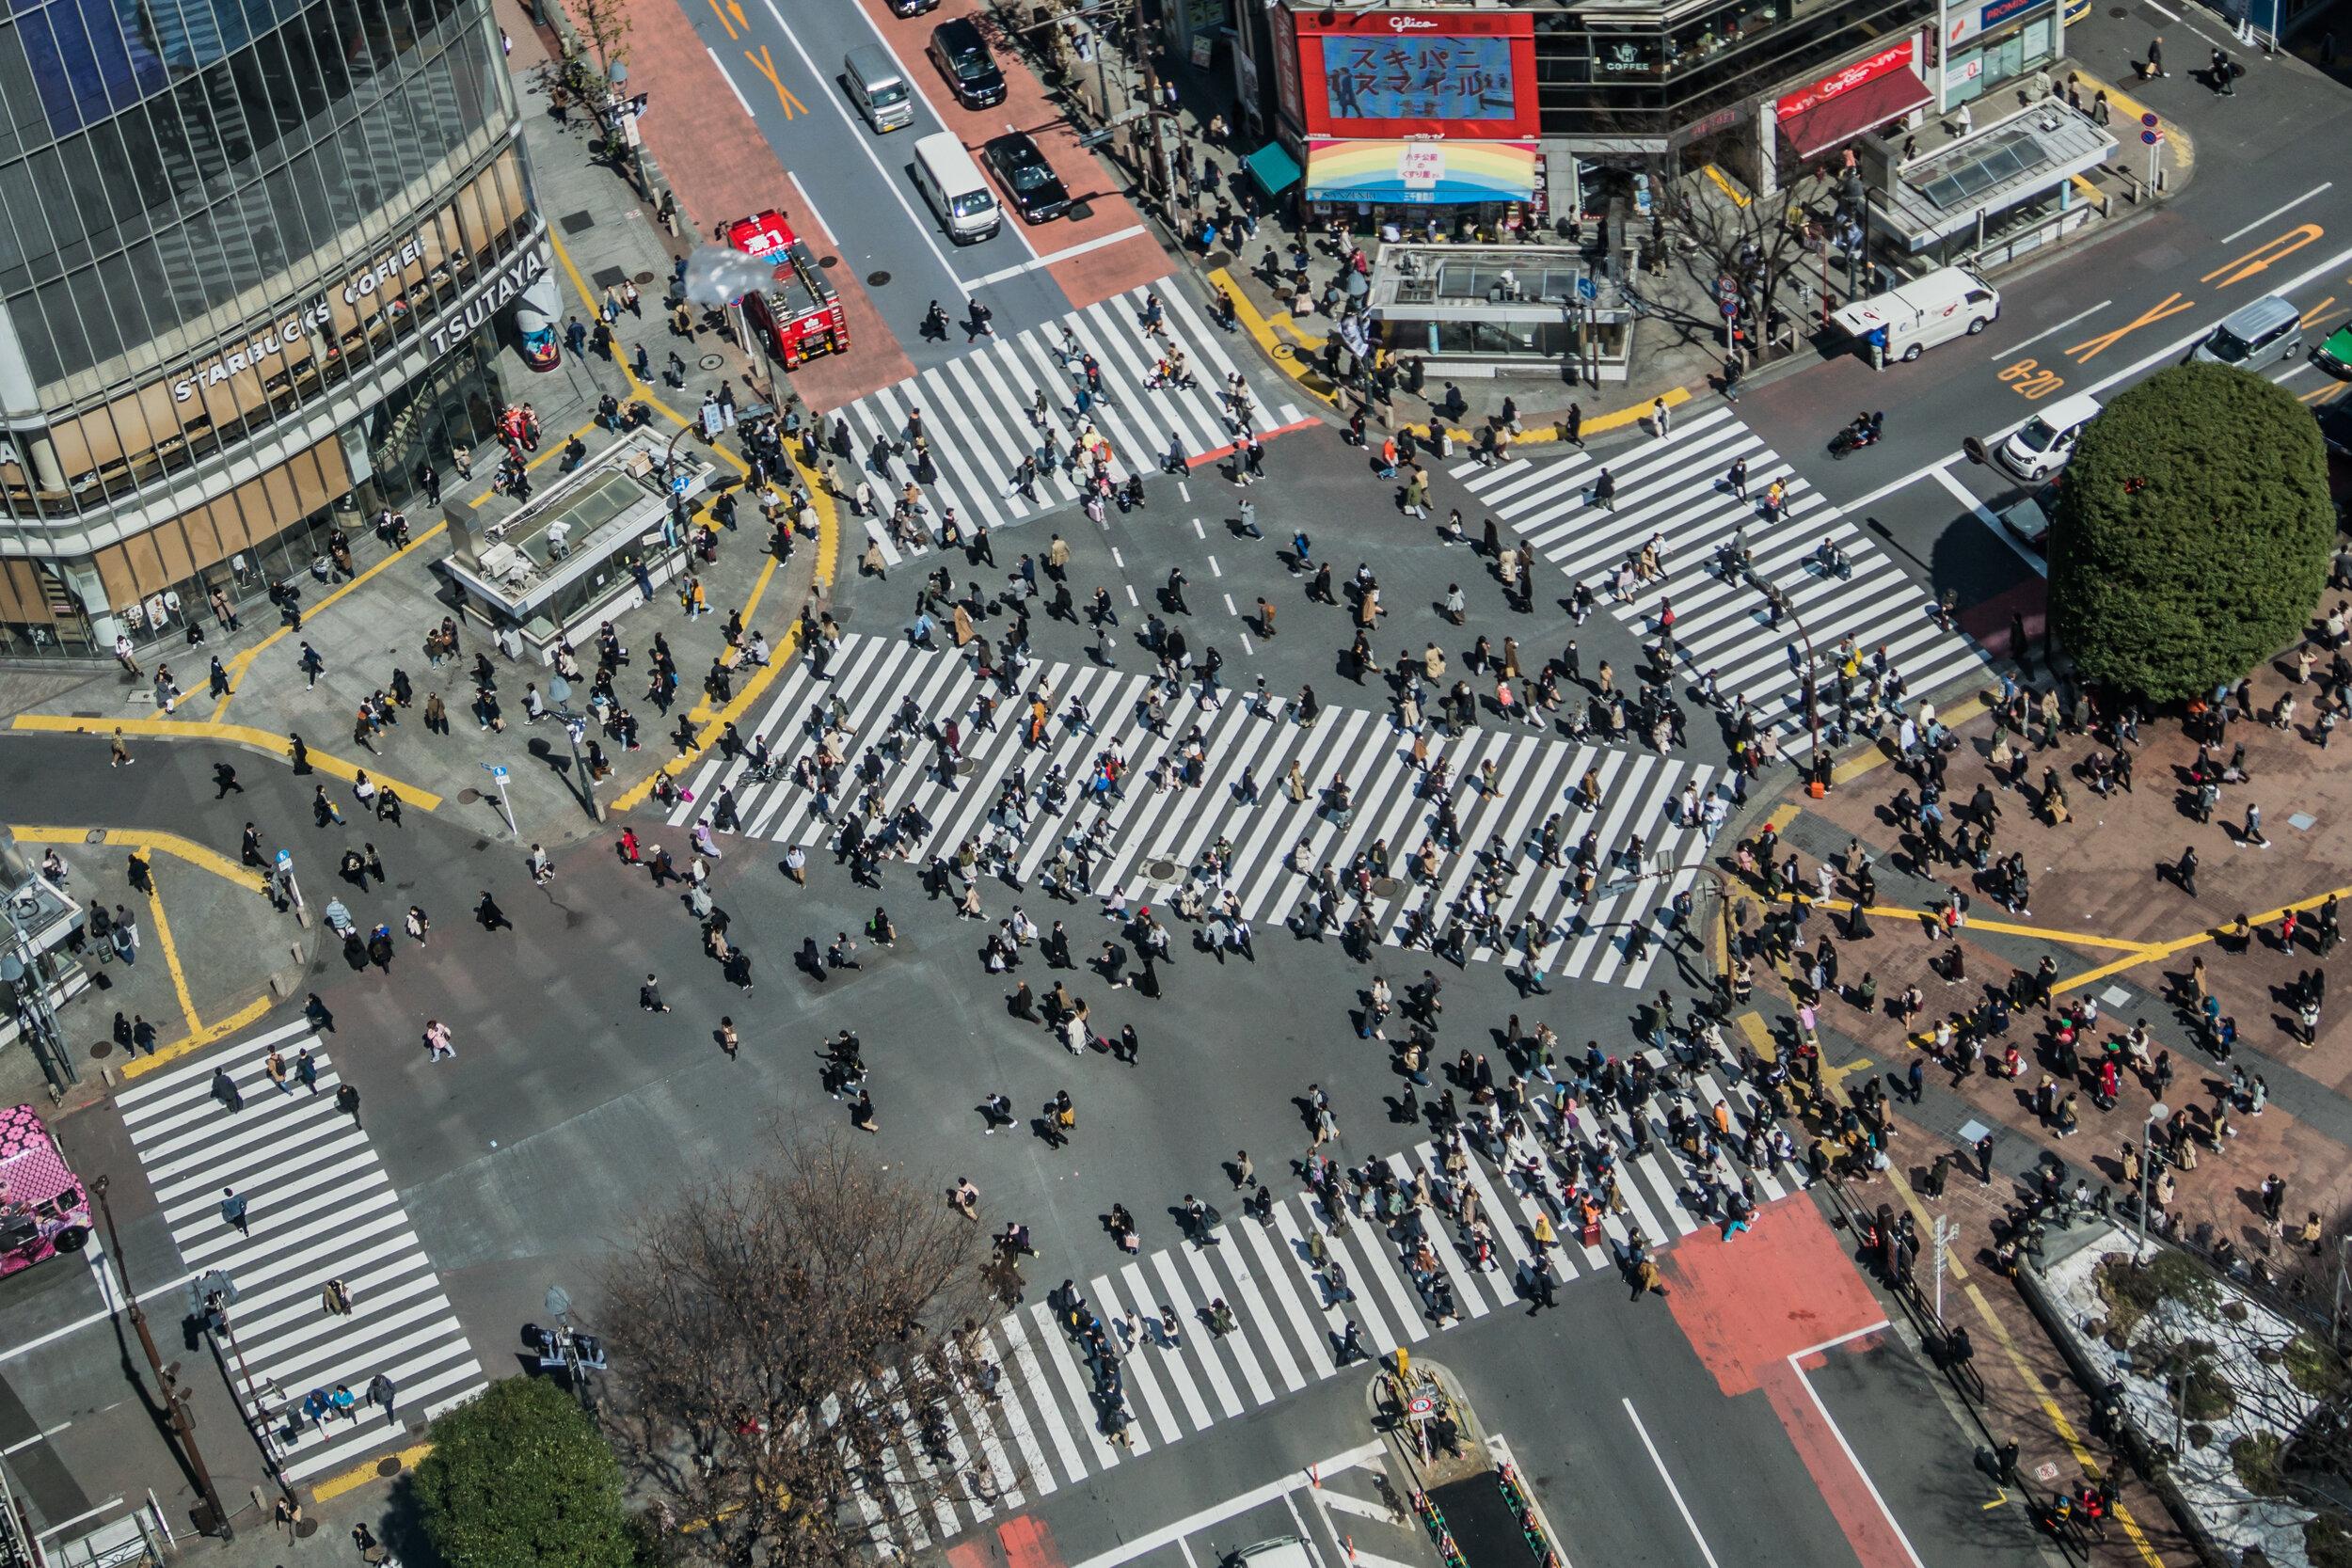 190614113003-19-shibuya-crossing-story-only.jpg